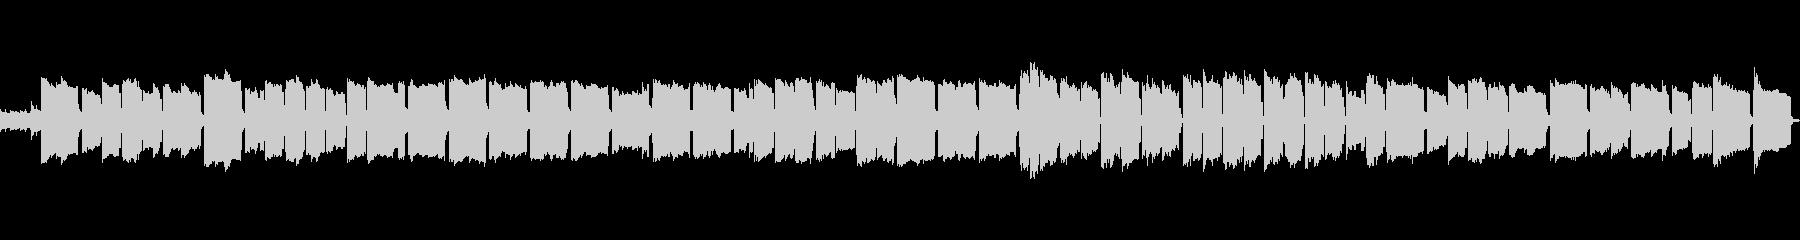 ほのぼのとしたオカリナの曲の未再生の波形